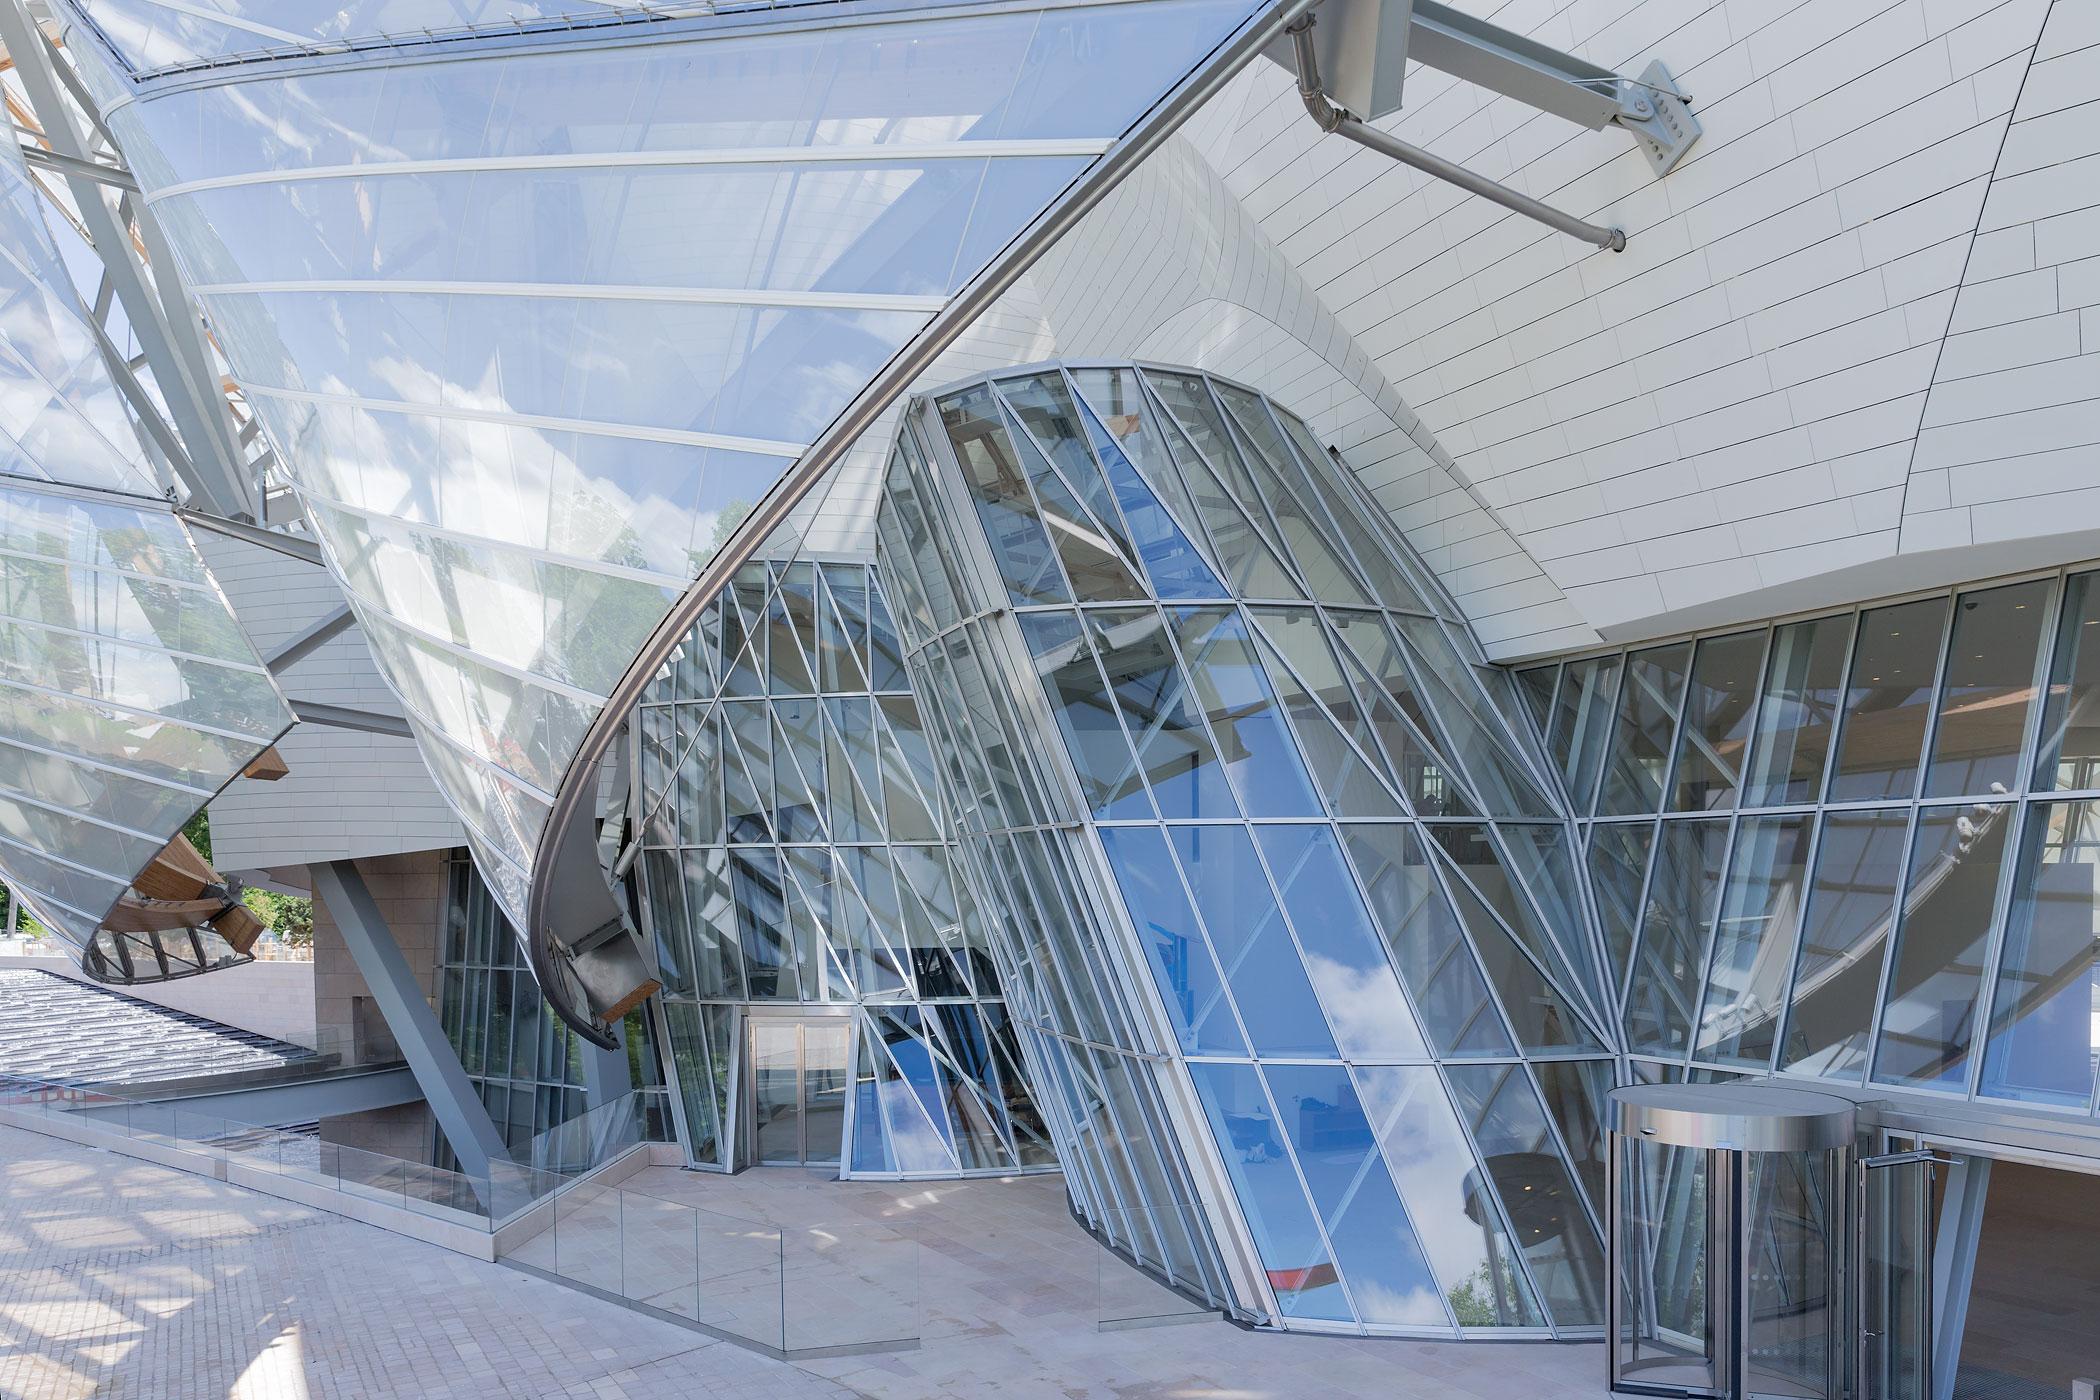 Museum ini dibangun menggabungkan 3.600 panel kaca.